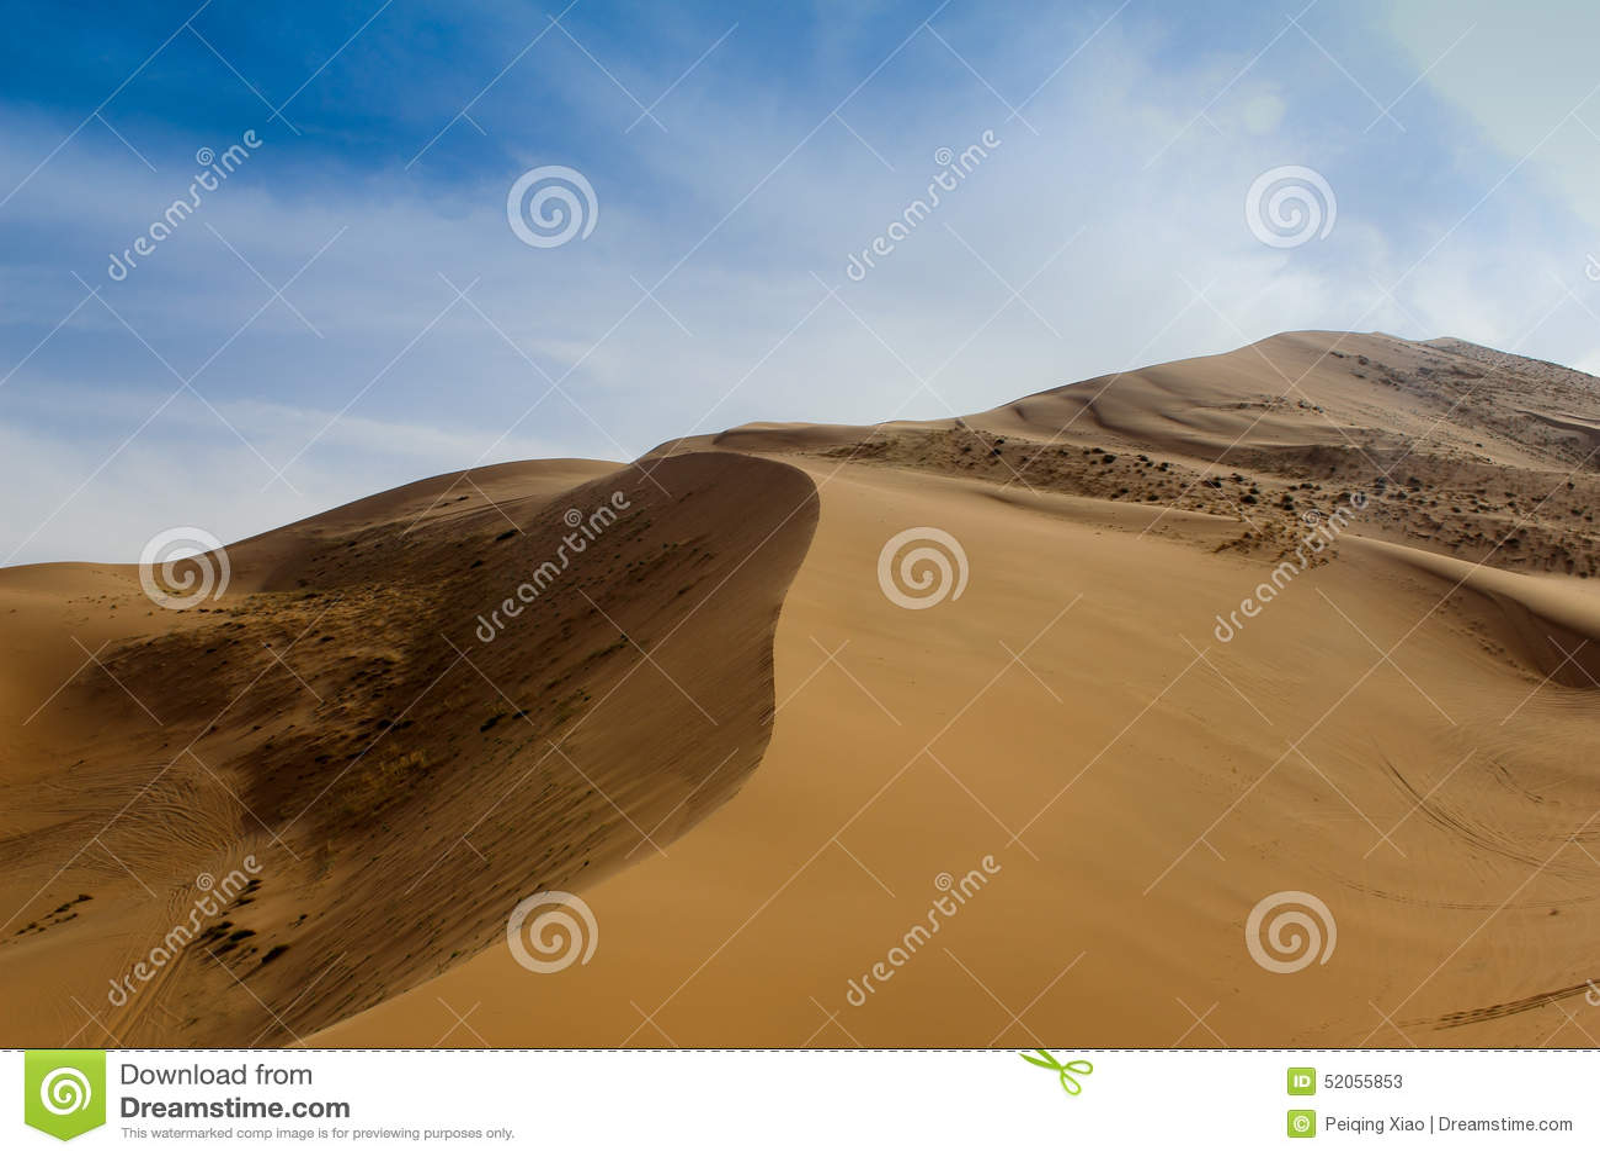 Badain Jaran Wüste